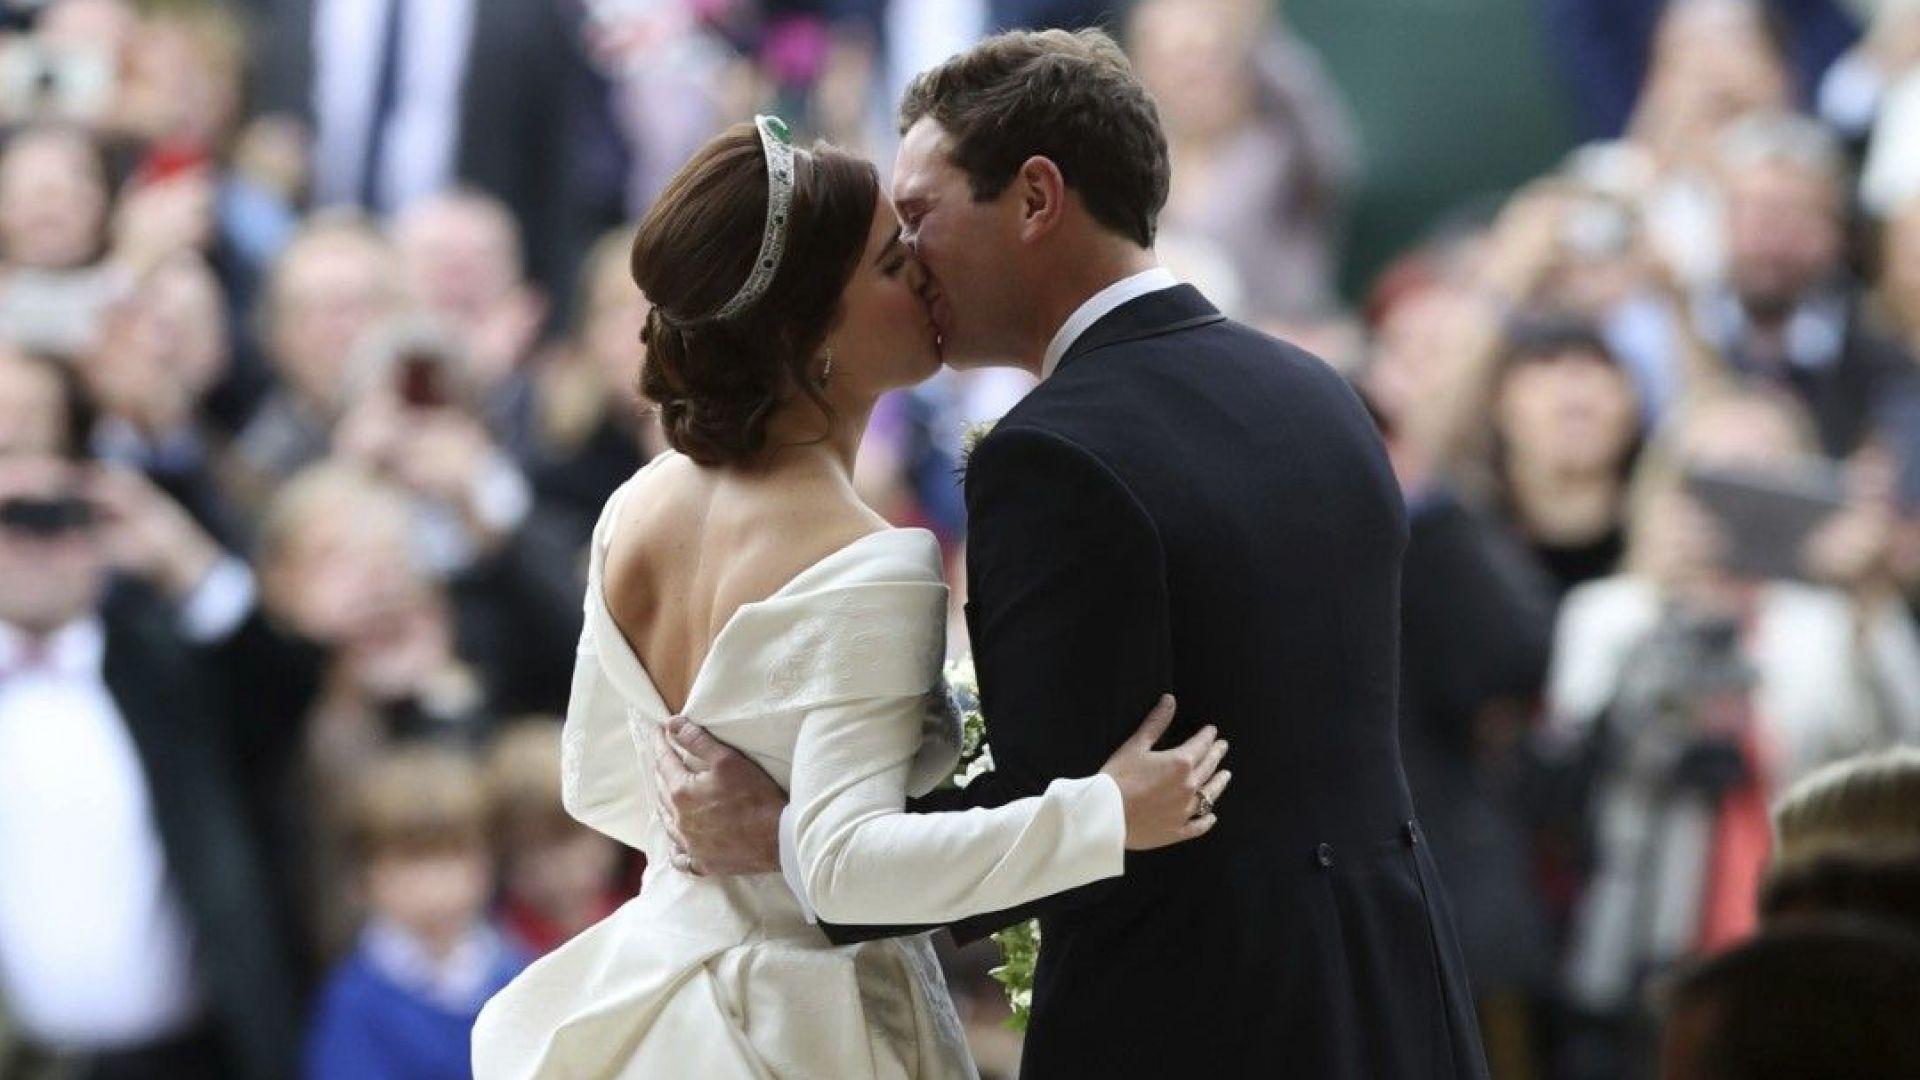 София Борисова за кралската сватба: Голямата изненада за мен бе кралицата (снимки)